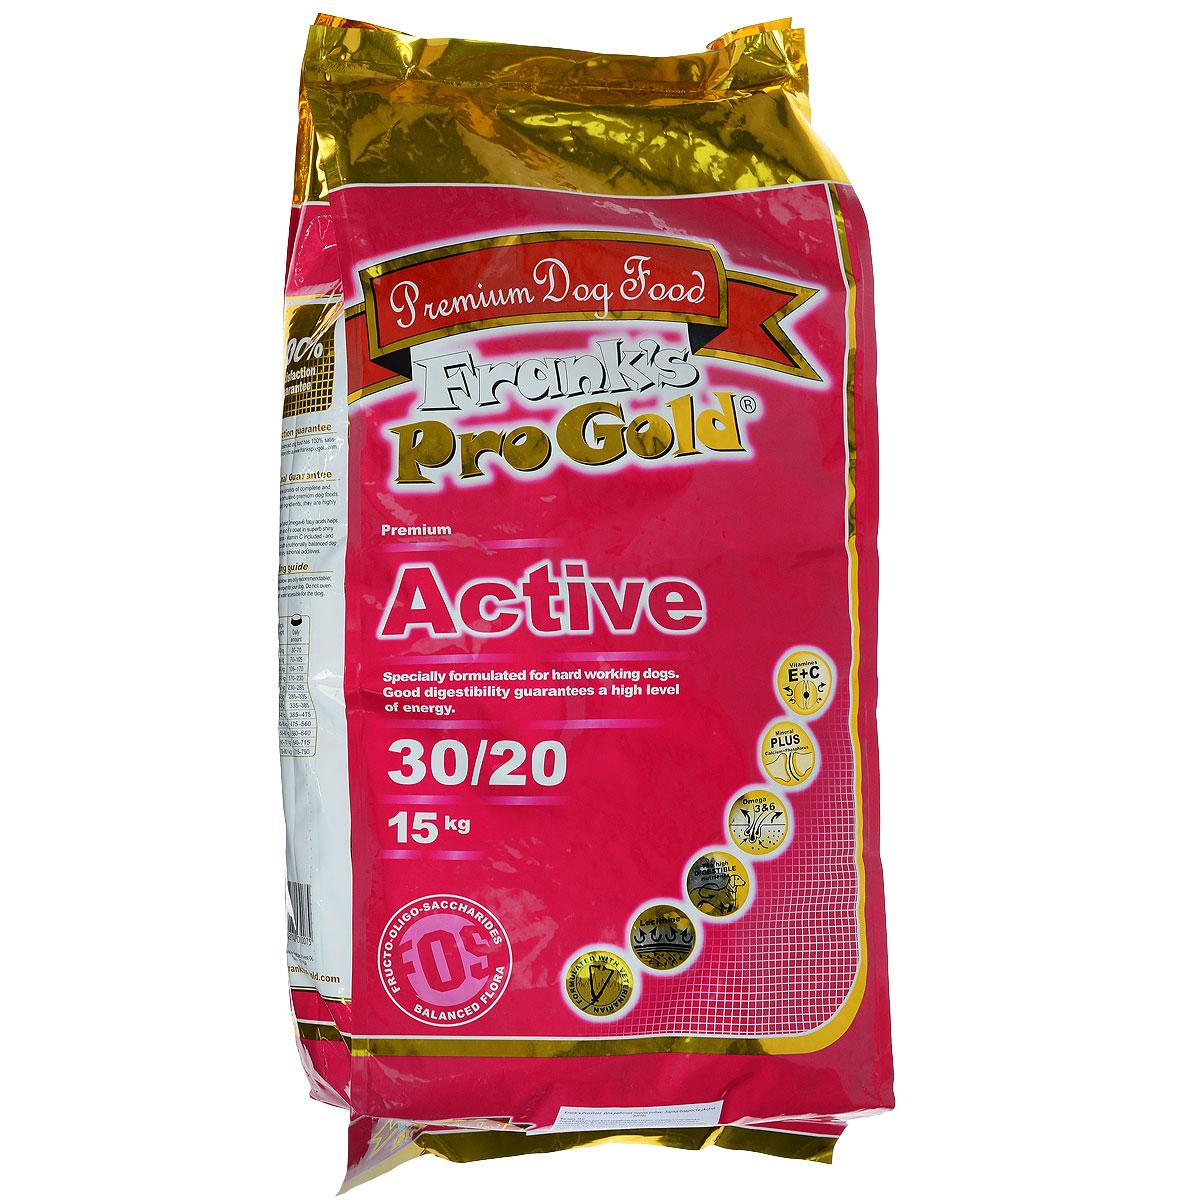 Корм сухой Franks ProGold Заряд бодрости для рабочих пород собак, 15 кг17916Сухой корм Franks ProGold Заряд бодрости разработан для ездовых, служебных, спортивных и охотничьих собак. Высокое содержание витамина Е помогает работе кишечника и способствует лучшему усваиванию пищи. Хорошая усвояемость и высокое содержание протеина позволяет не увеличивать нормы кормления при тяжелых тренировках, охоте и во время соревнованийНе содержит пшеницы, соевых добавок, ГМО.Состав: дегидрированное мясо курицы, маис, рис, куриный жир, дегидрированная рыба, свекла, ячмень, кэроб, льняное семя, гидролизованная куриная печень, яичный порошок, дрожжи, минералы и витамины, L-карнитин, лецитин (0,5 %), инулин (0,5 % FOS), гидролизованные хрящи (источник хондроитина), гидролизованные рачки (источник глюкозамина), таурин. Пищевая ценность: белки 30,0%, жиры 20,0%, клетчатка 2,5%, зола 6,5%, влажность 10,0%, фосфор 1,0%, кальций 1,8%.Пищевые добавки: витамин-A (E672) 20000 IU/кг, витамин-D3 (E671) 2000 IU/кг, витамин-E (альфа токоферола ацетат) 200 мг/кг, витамин-C (фосфат аскорбиновой кислоты) 70 мг/кг, E1 50 мг/кг, E2 1,5 мг/кг, E3 1 мг/кг, E4 5 мг/кг, E5 65 мг/кг, E6 0,3 мг/кг.Товар сертифицирован.